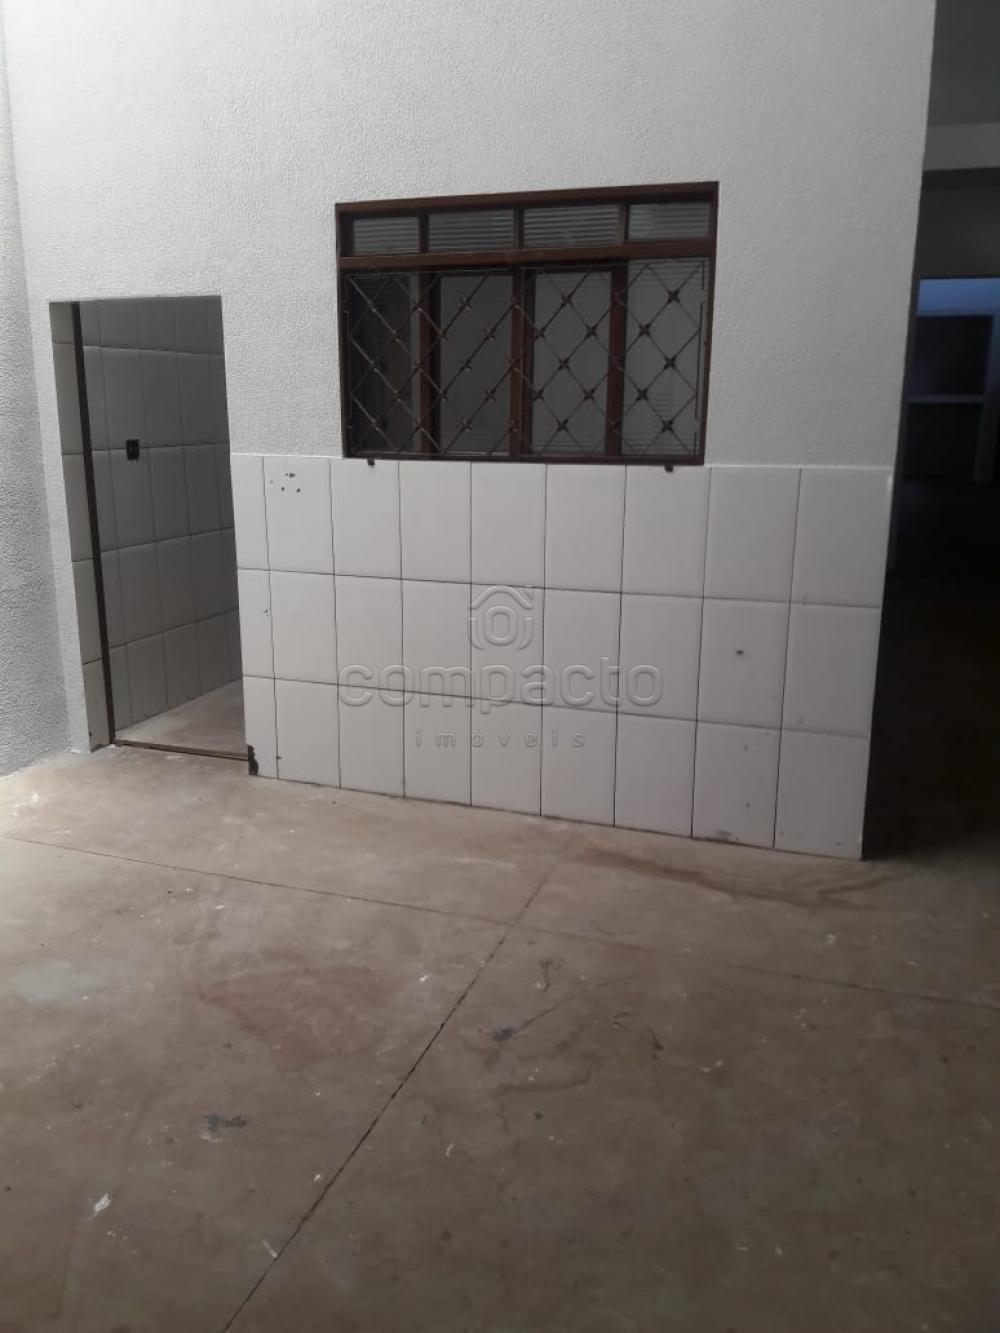 Alugar Comercial / Barracão em São José do Rio Preto apenas R$ 5.900,00 - Foto 9